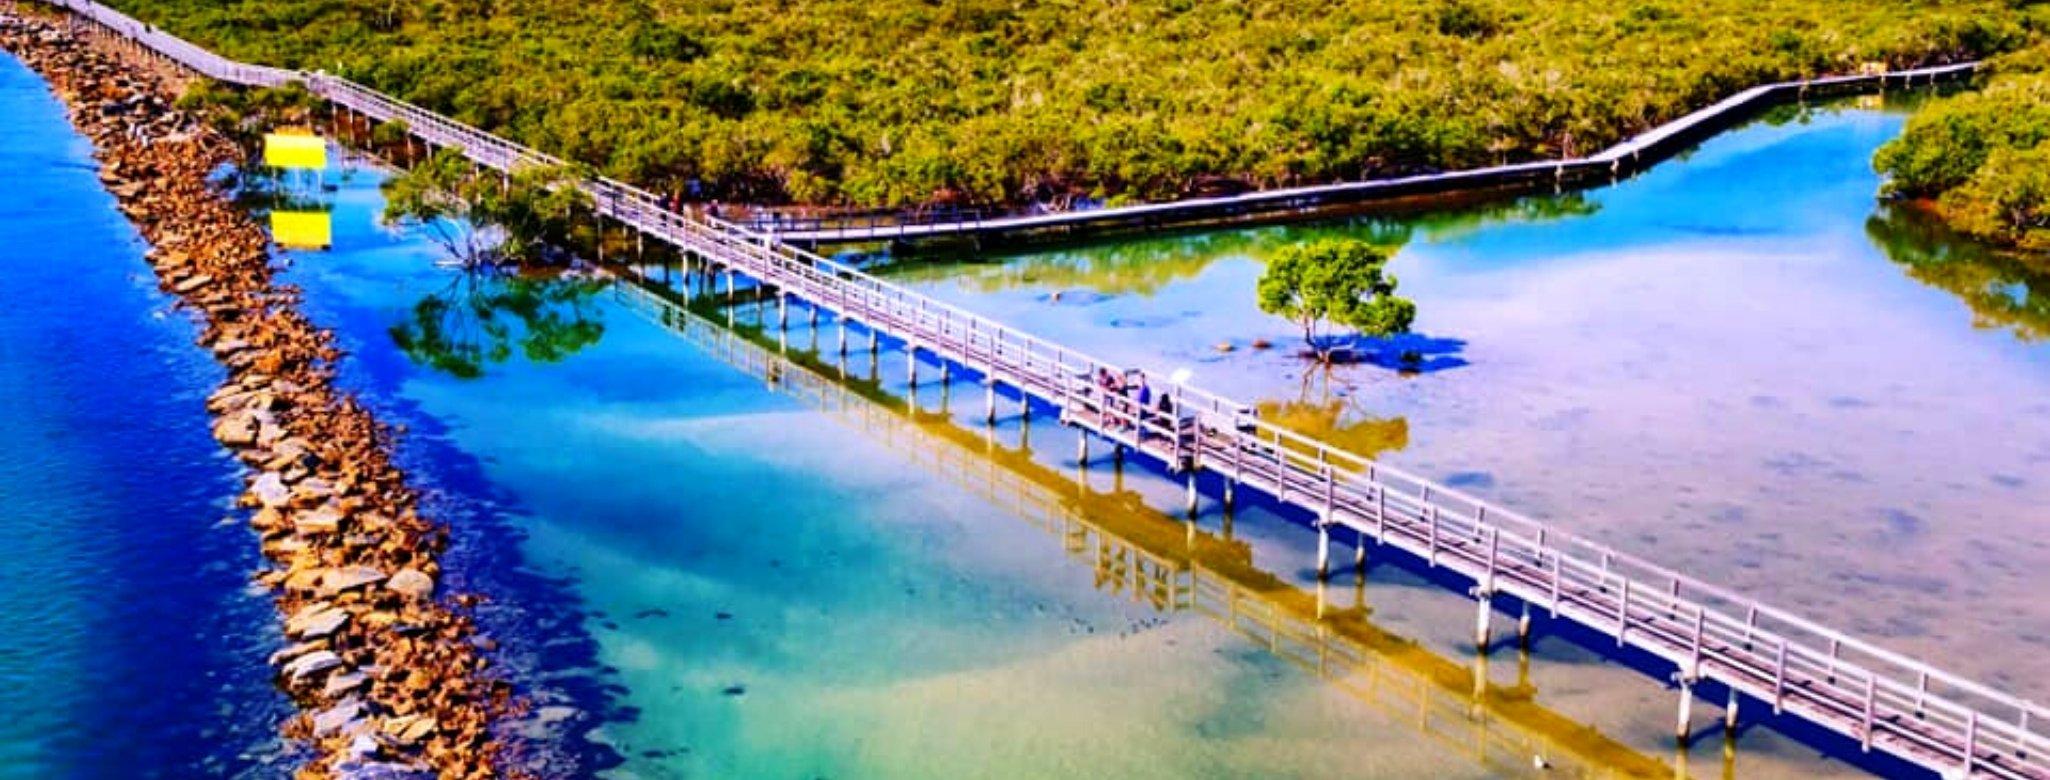 Urunga Boardwalk, Bellingen Shire, New South Wales